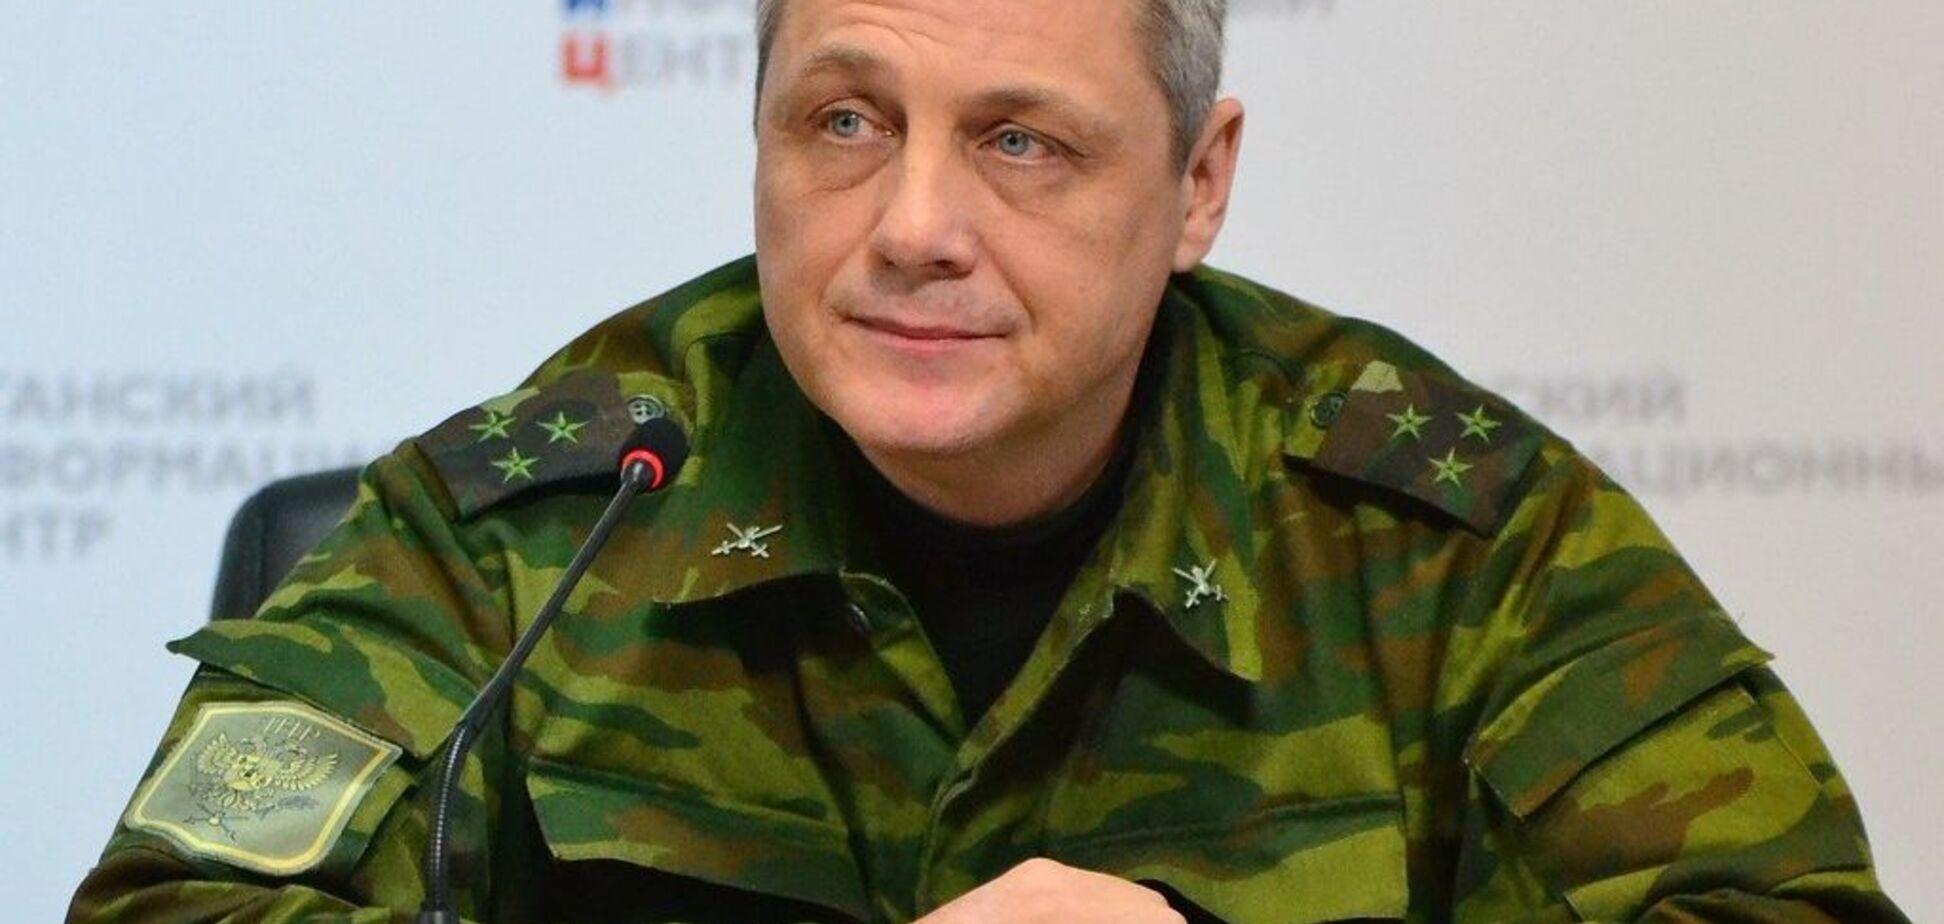 Главарь 'ЛНР' сбежал после убийства Захарченко